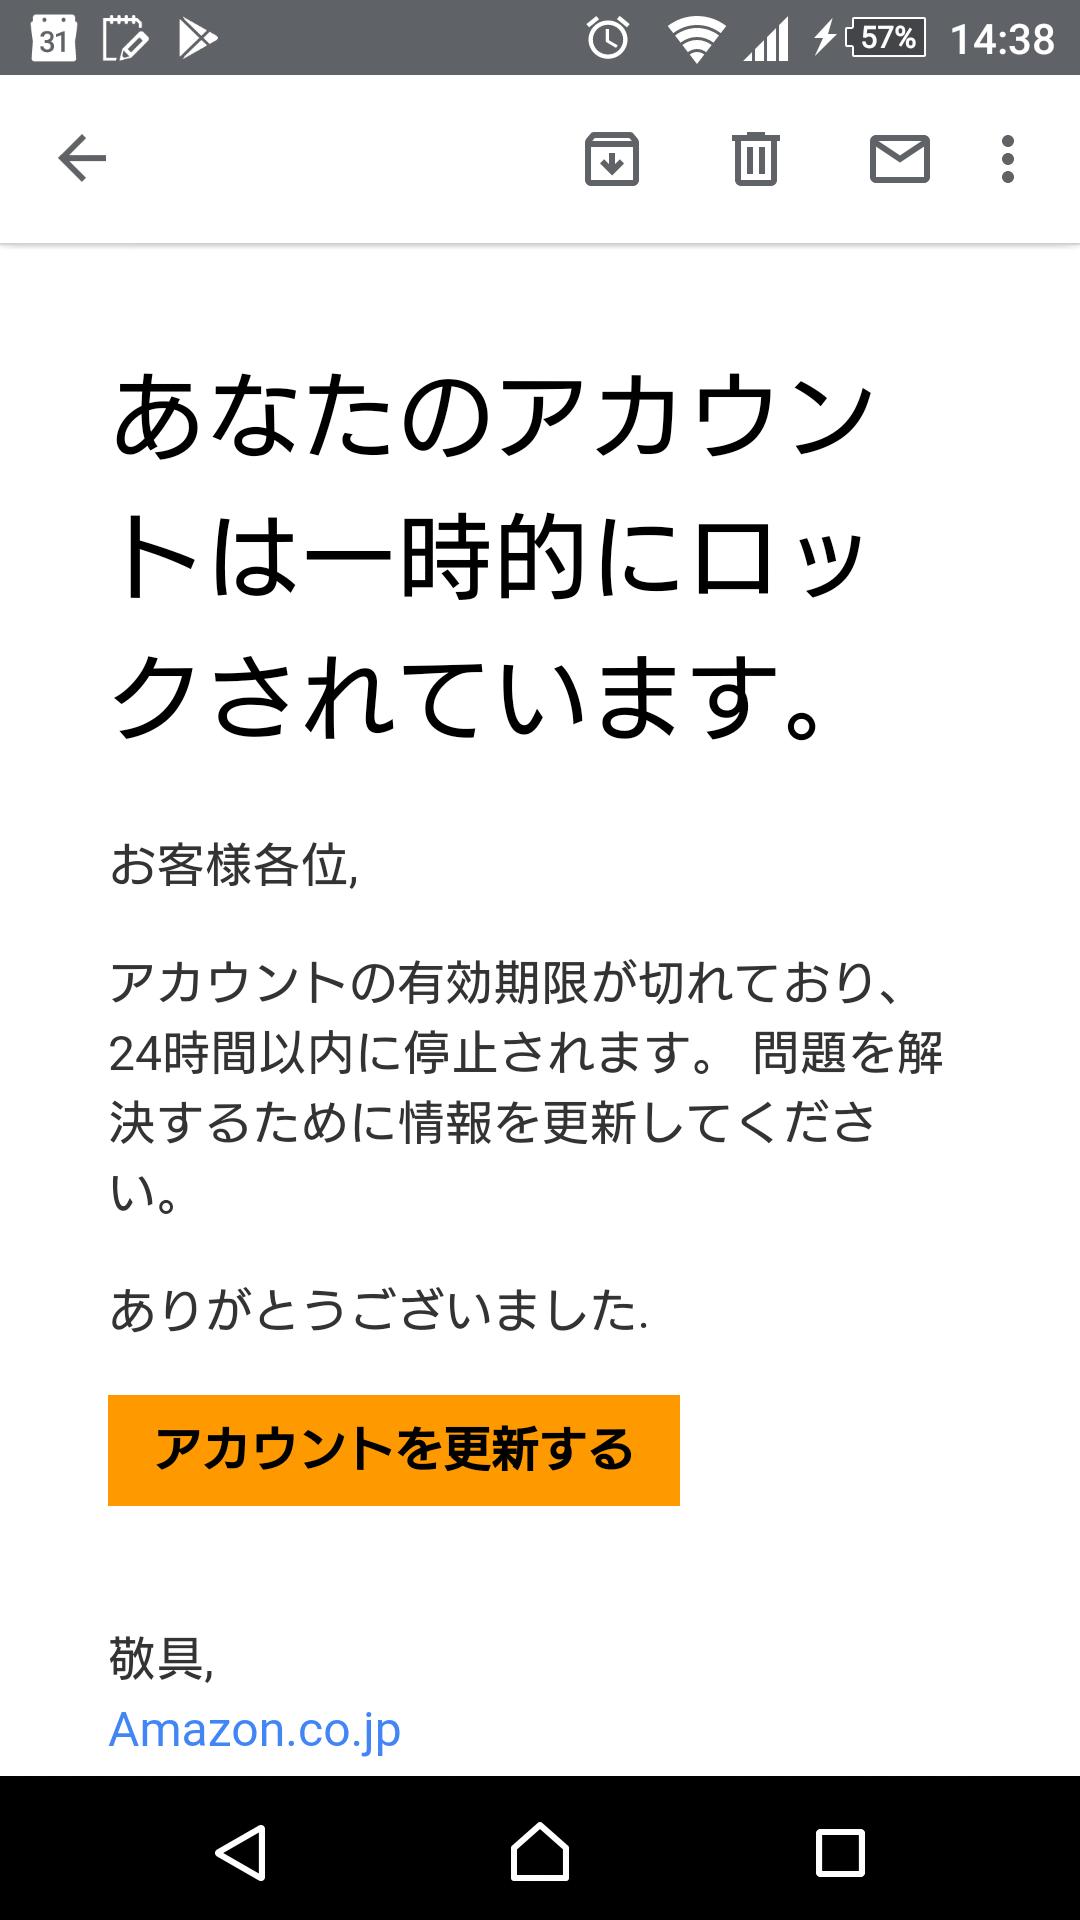 Amazon詐欺のメール